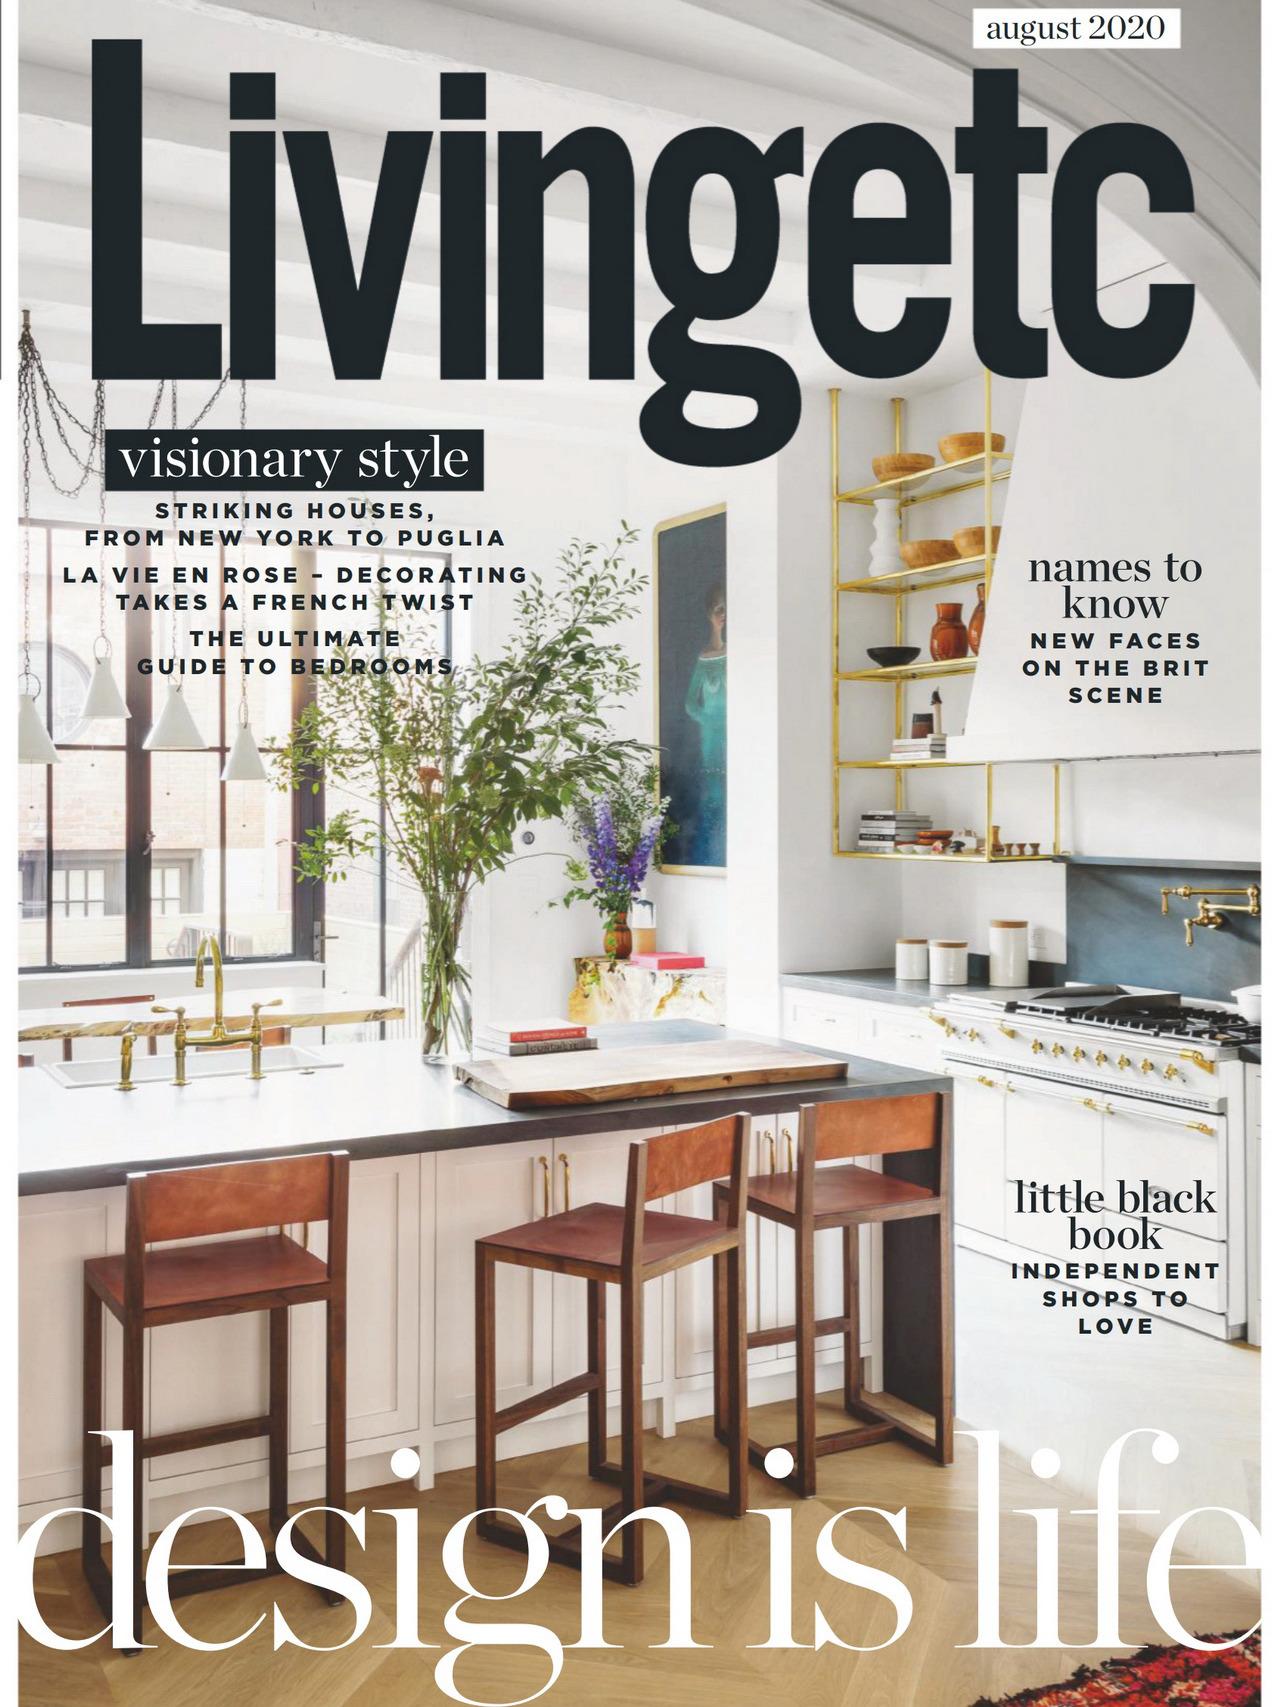 《Livingetc》英国时尚家居杂志2020年08月号